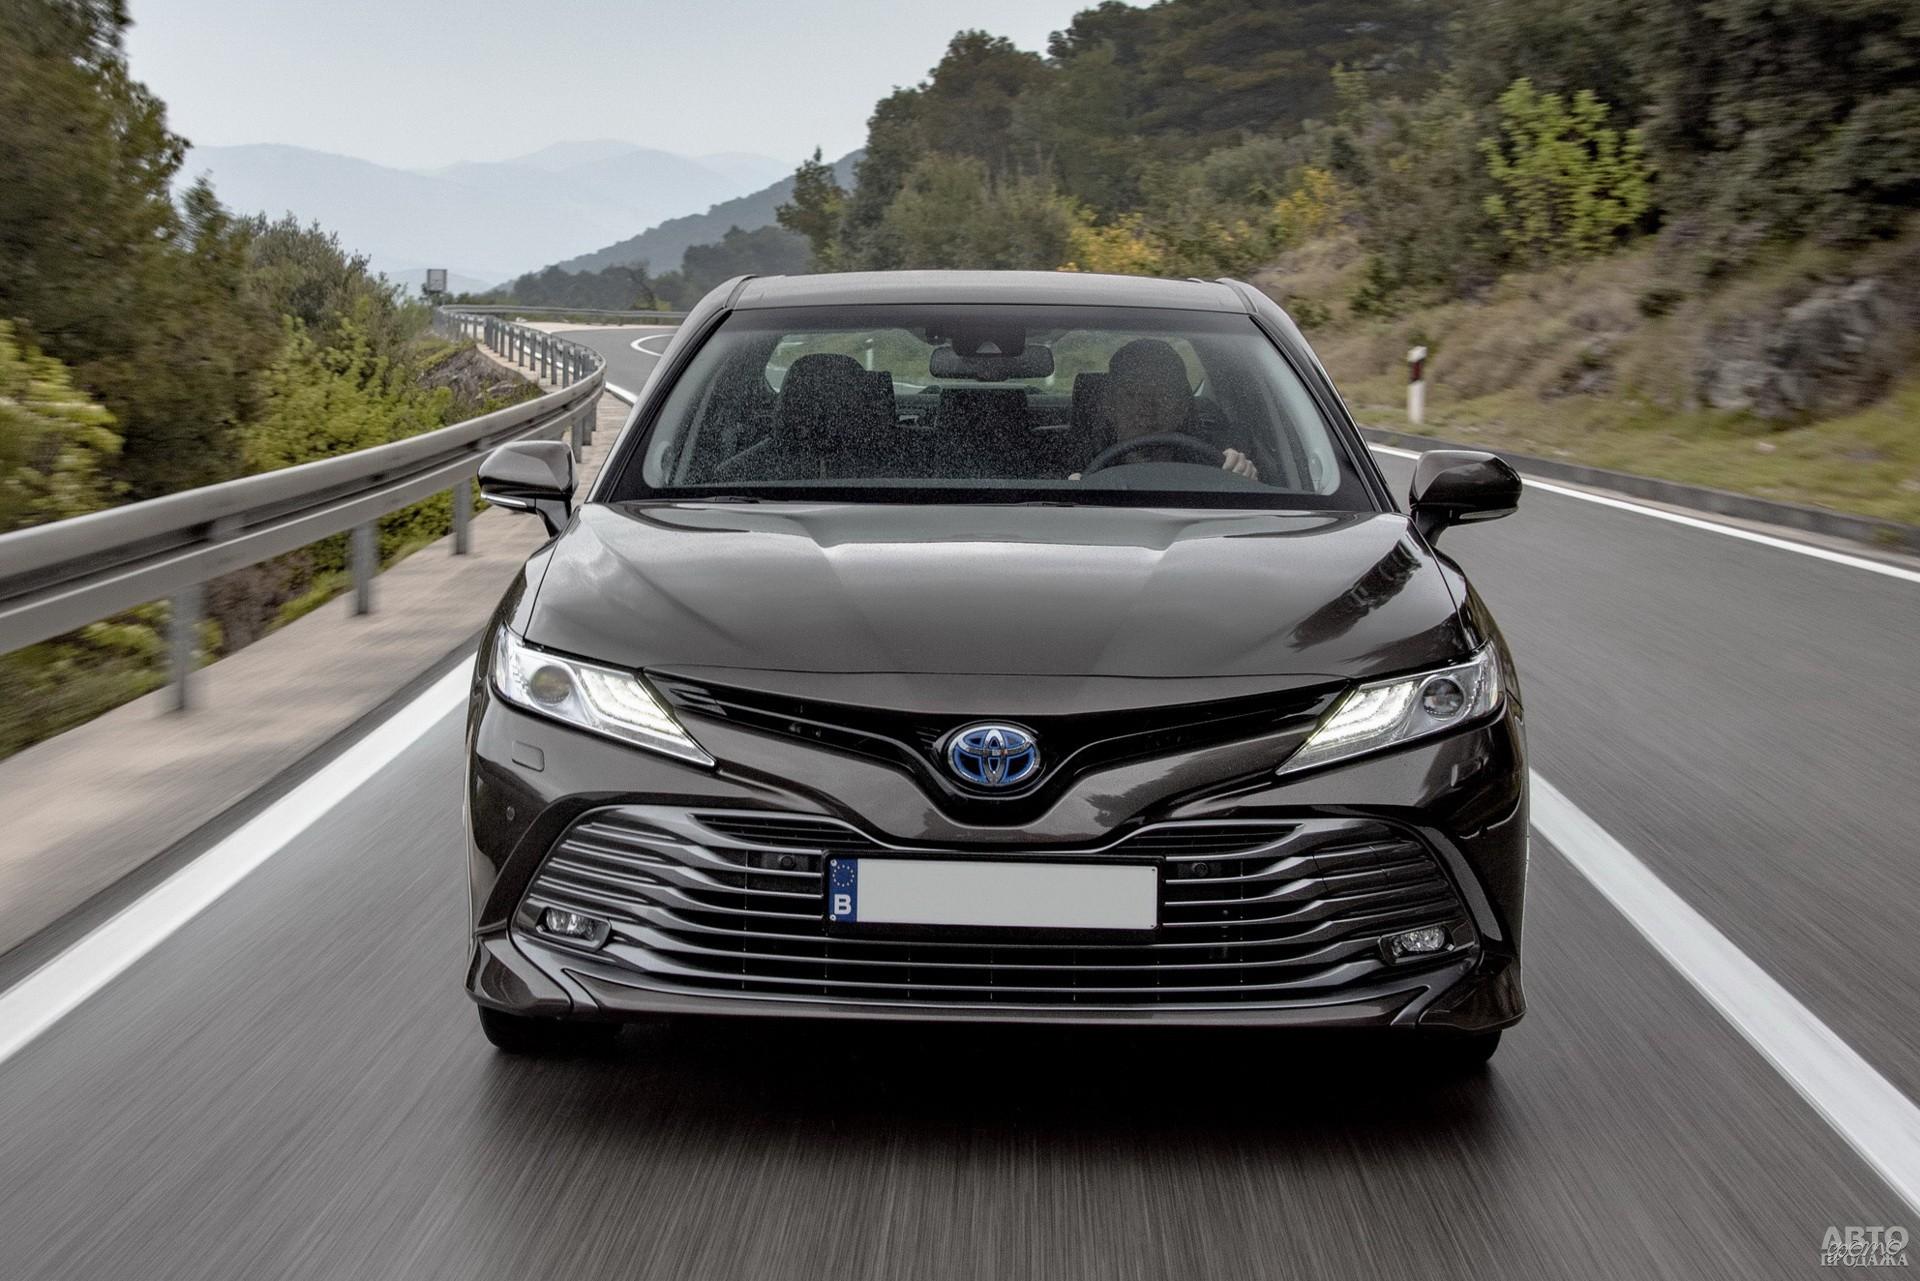 Большой «клюв» и огромный воздухозаборник – черты Toyota_Camry нового поколения